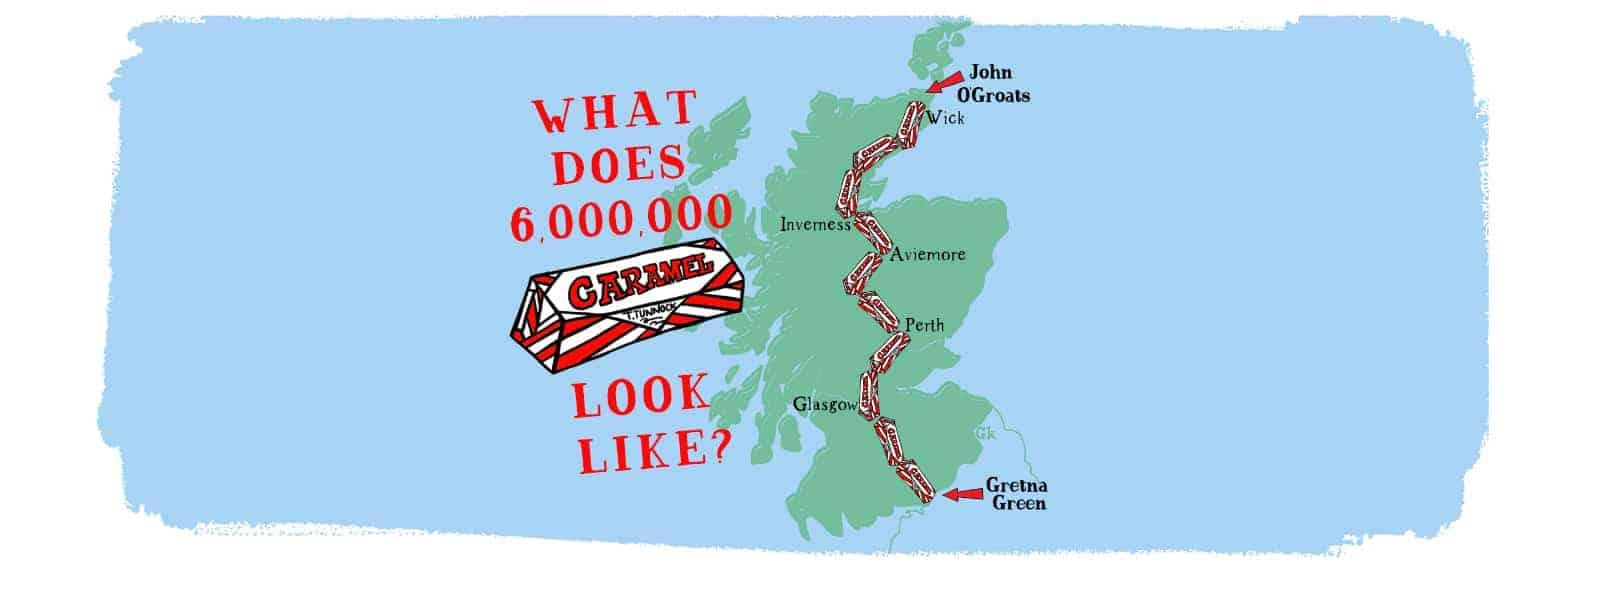 Tunnock's Caramel Wafer Map